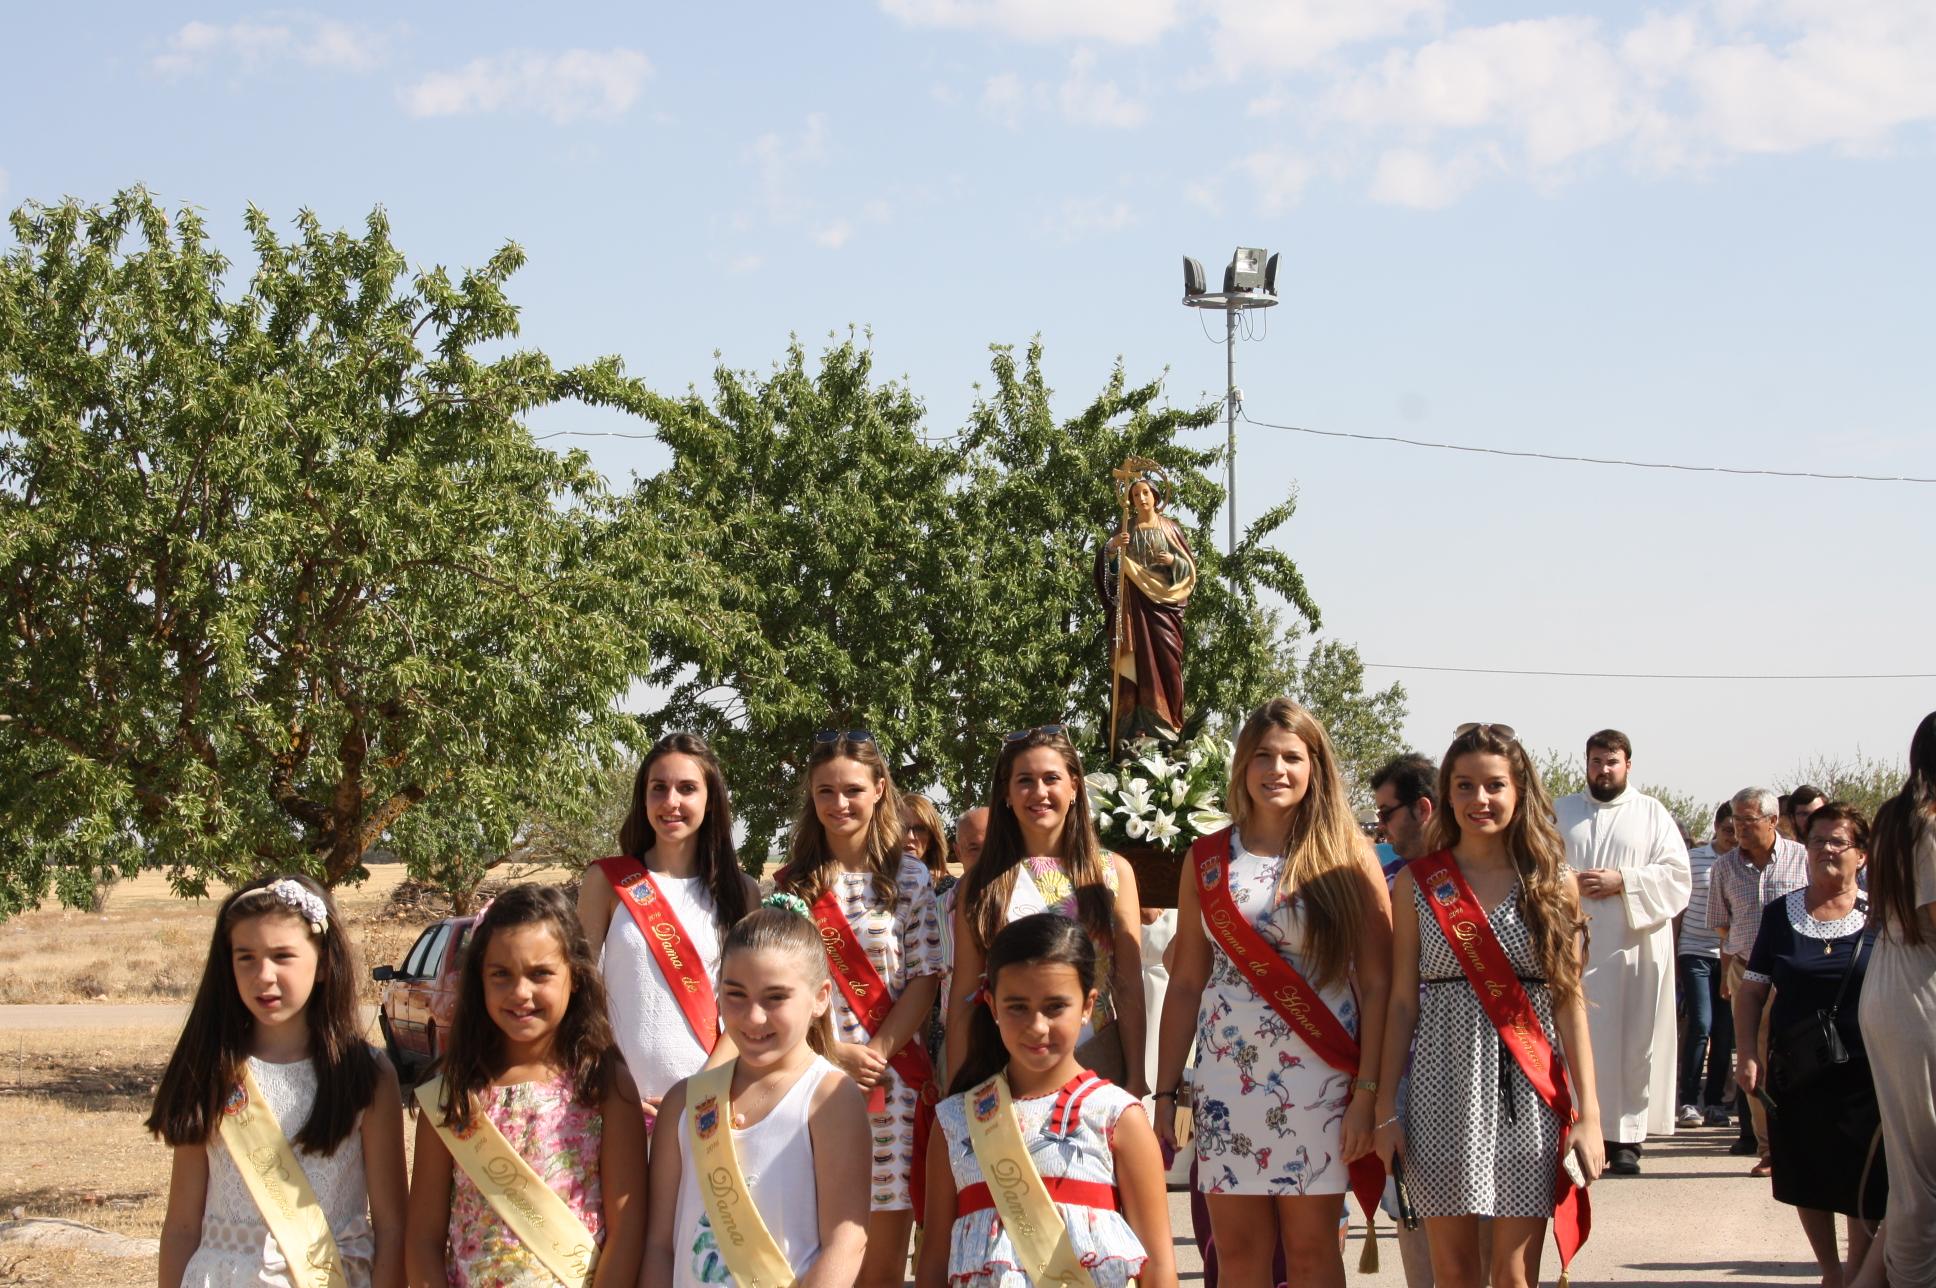 La Reina Y Damas Participan En Las Celebraciones De Santa Marta